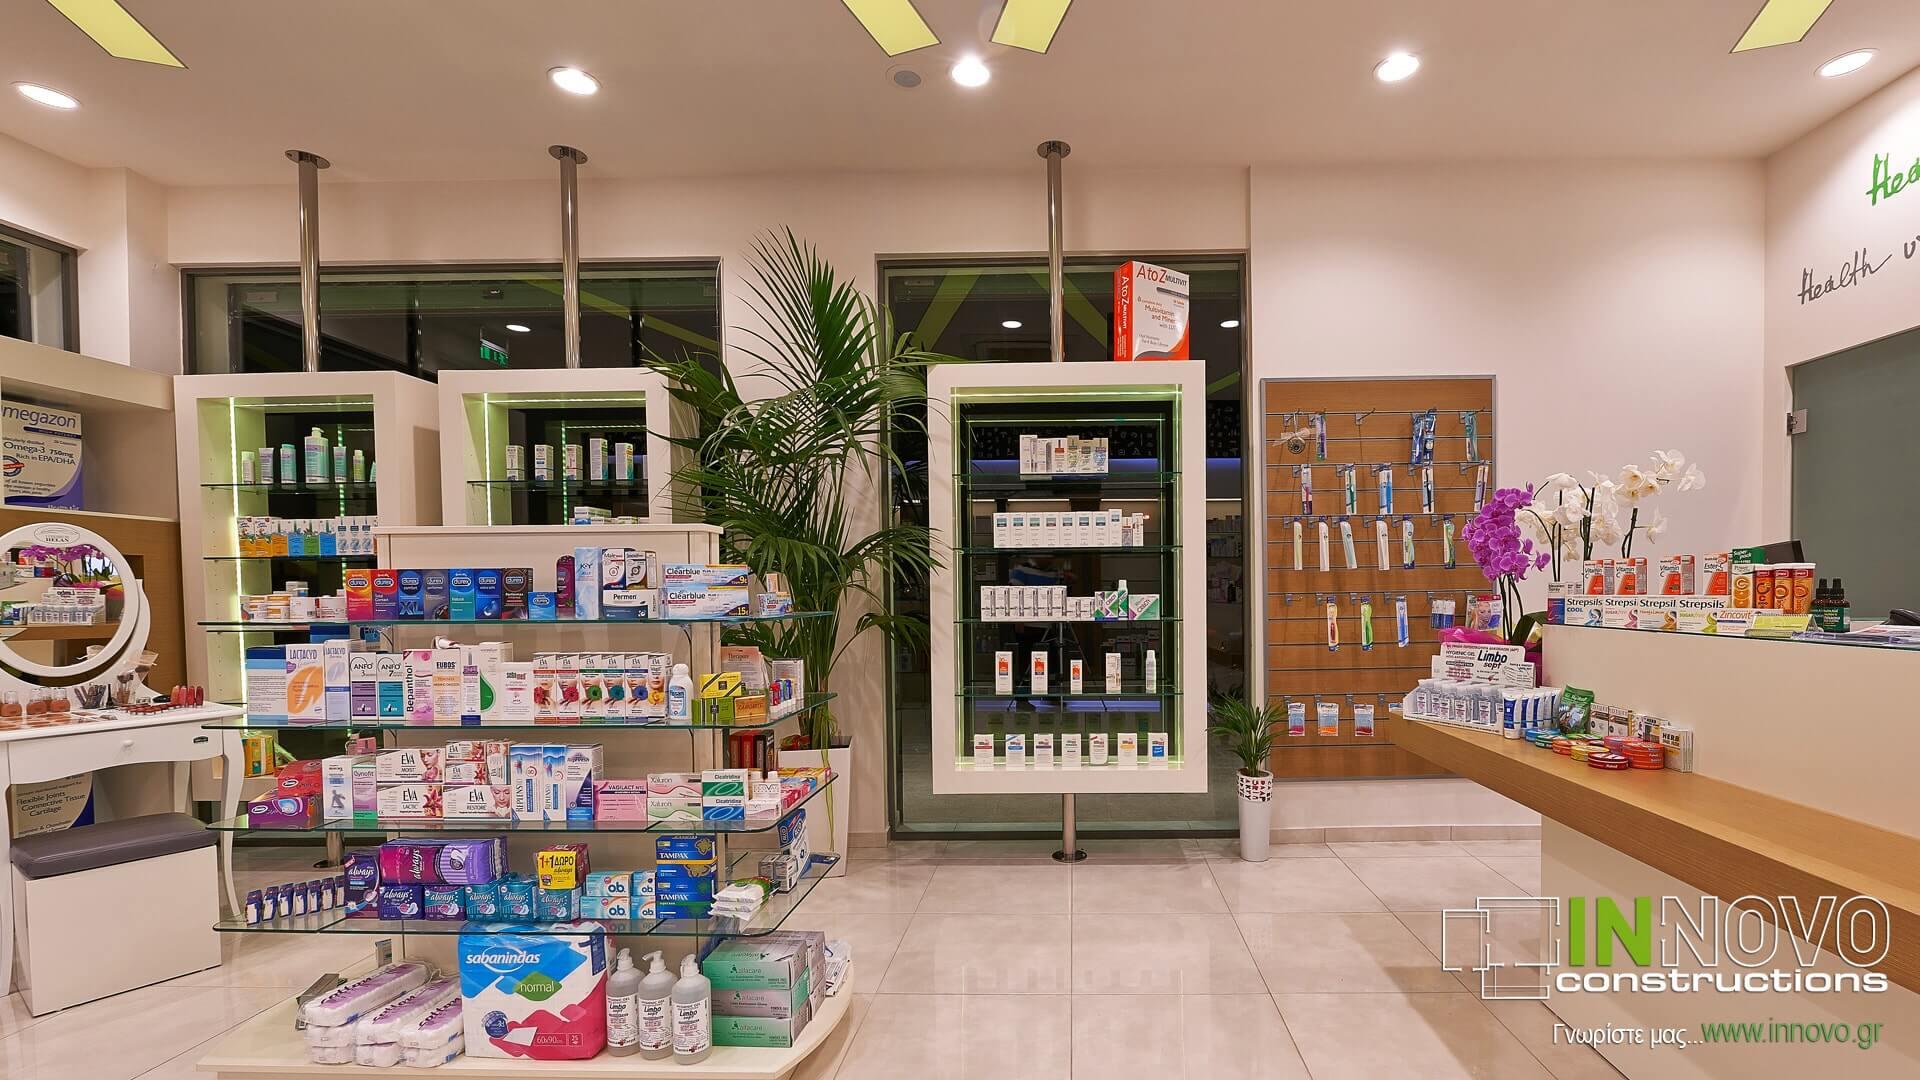 Κατασκευή ανακαίνιση φαρμακείου Βούλα